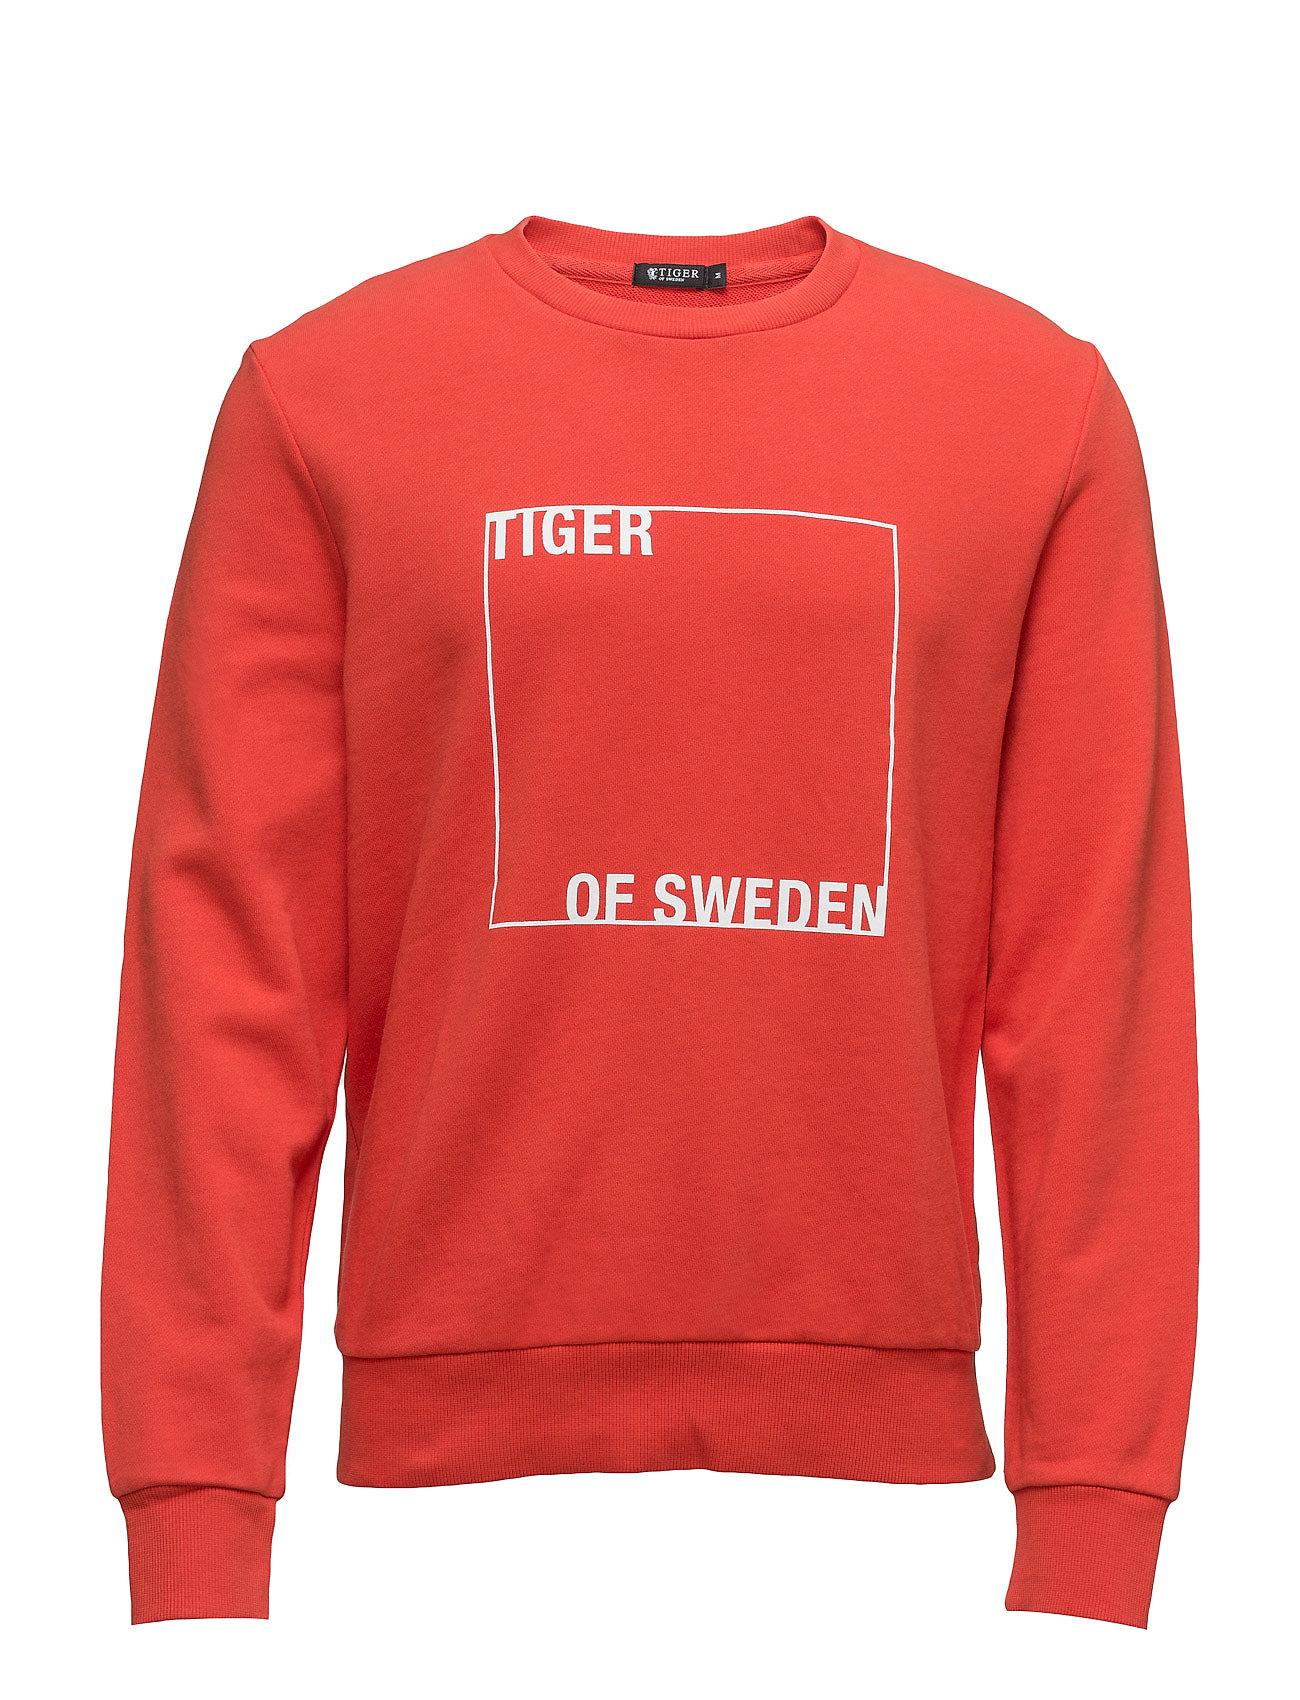 Hubertz P Tiger of Sweden Sweat pants til Herrer i